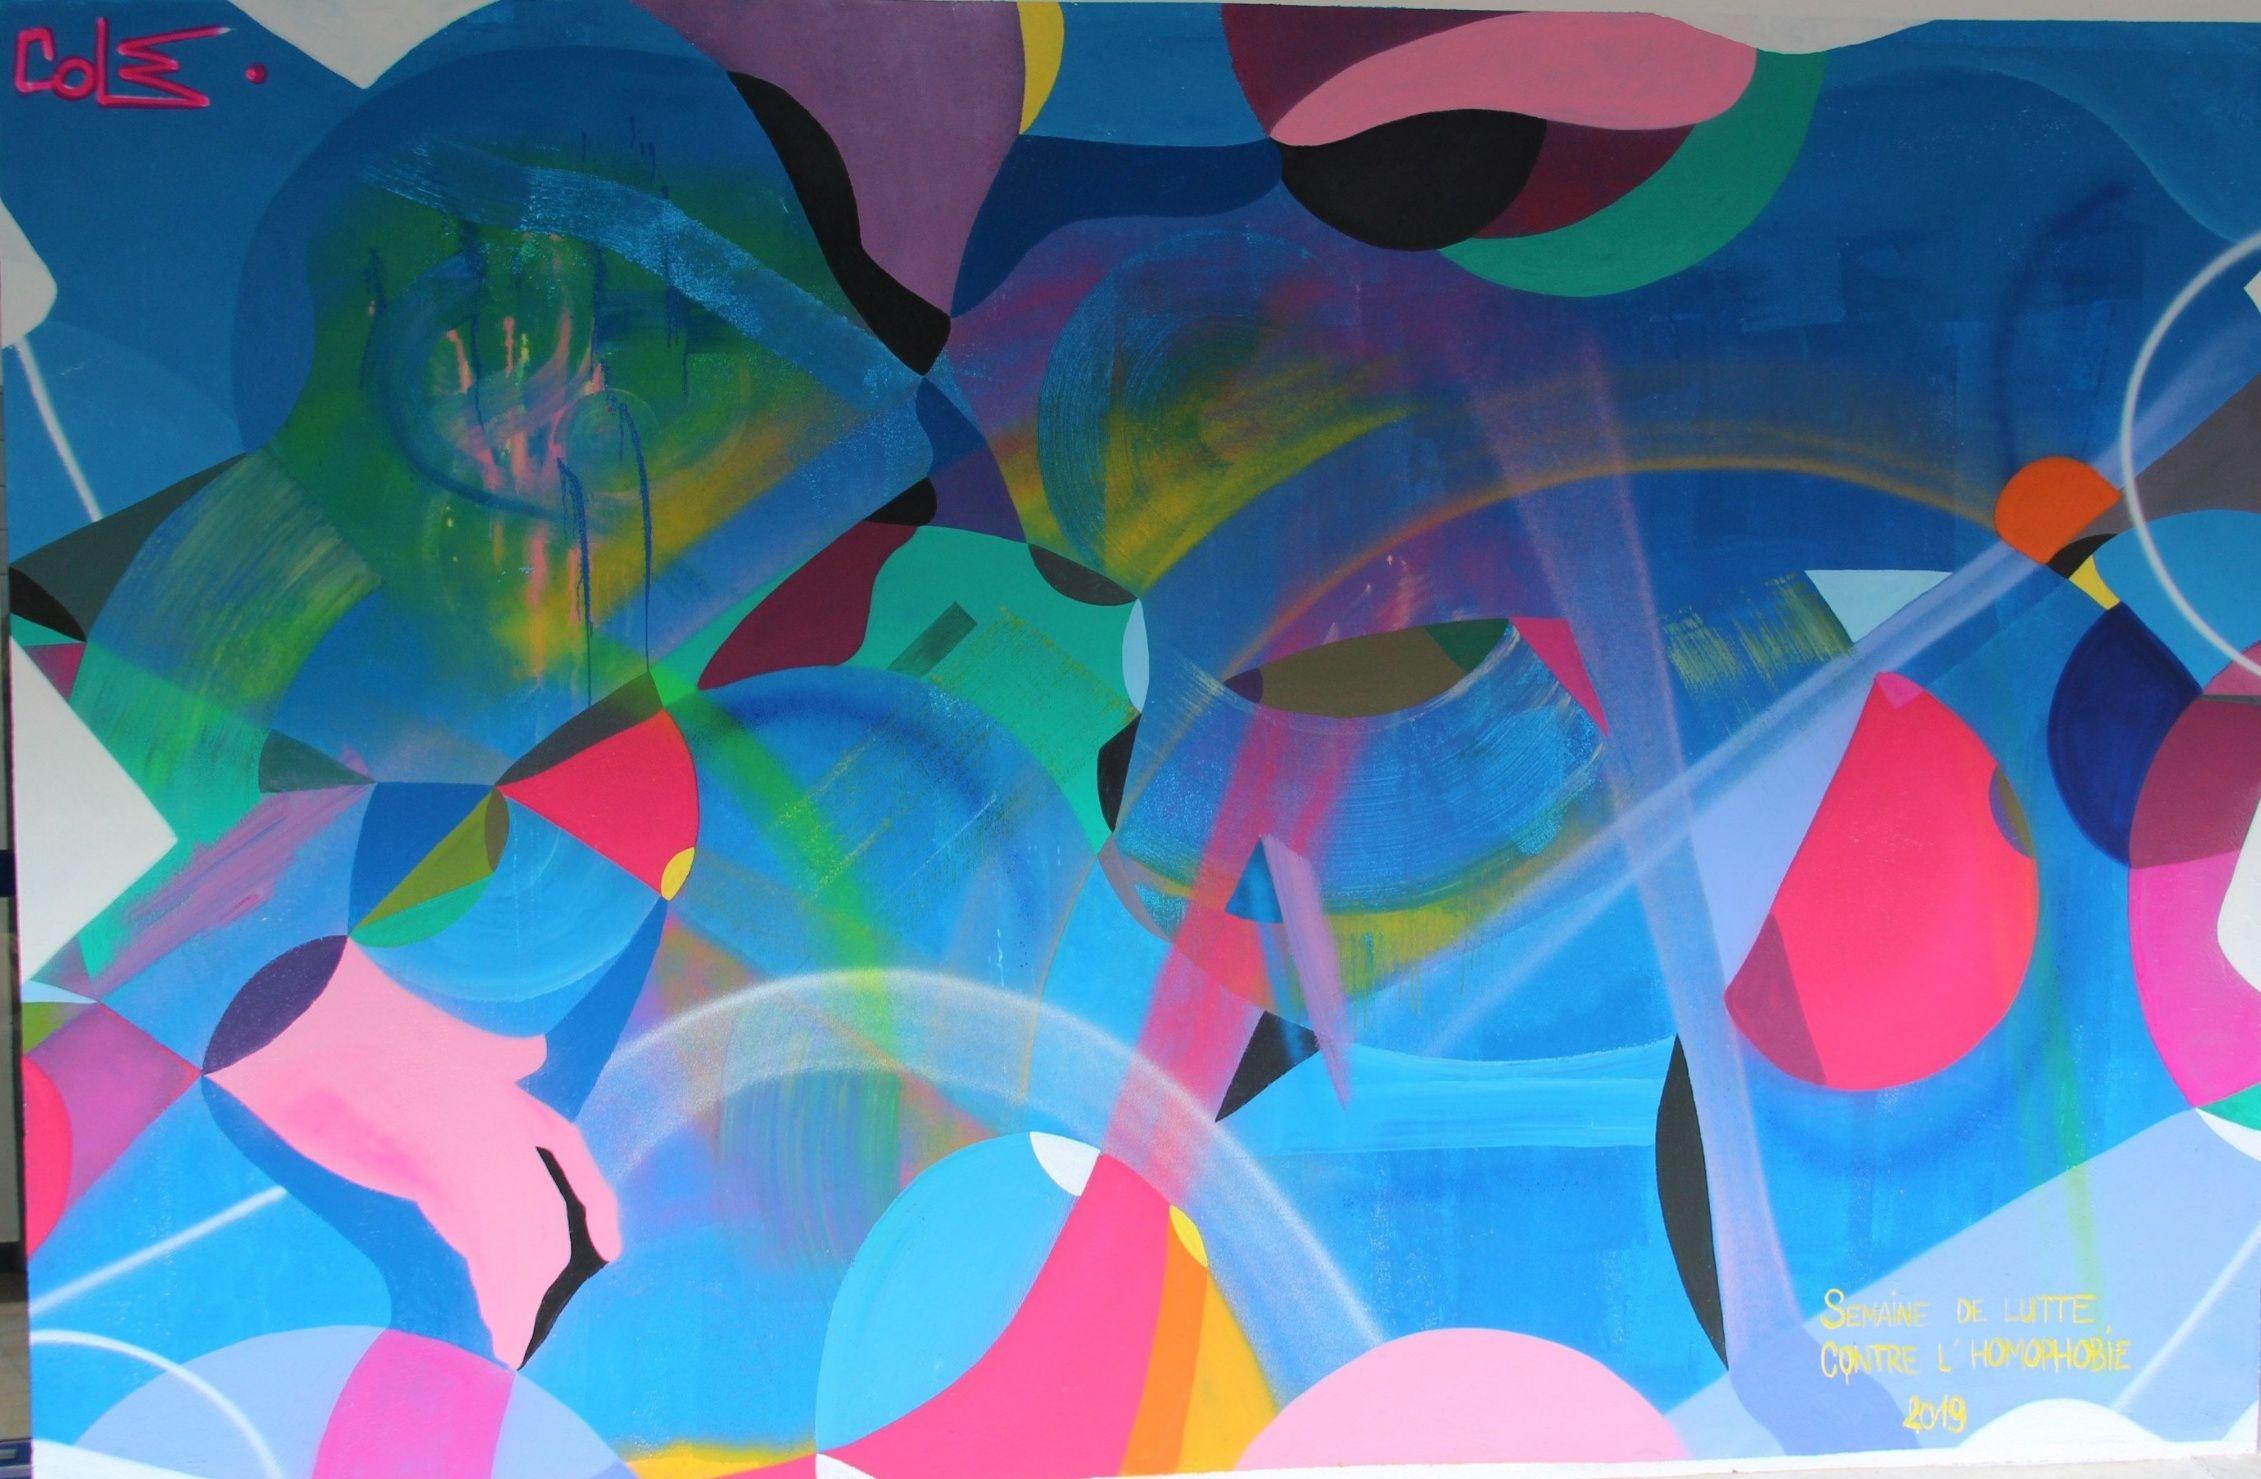 Colz, Peinture à l'Université Montpellier